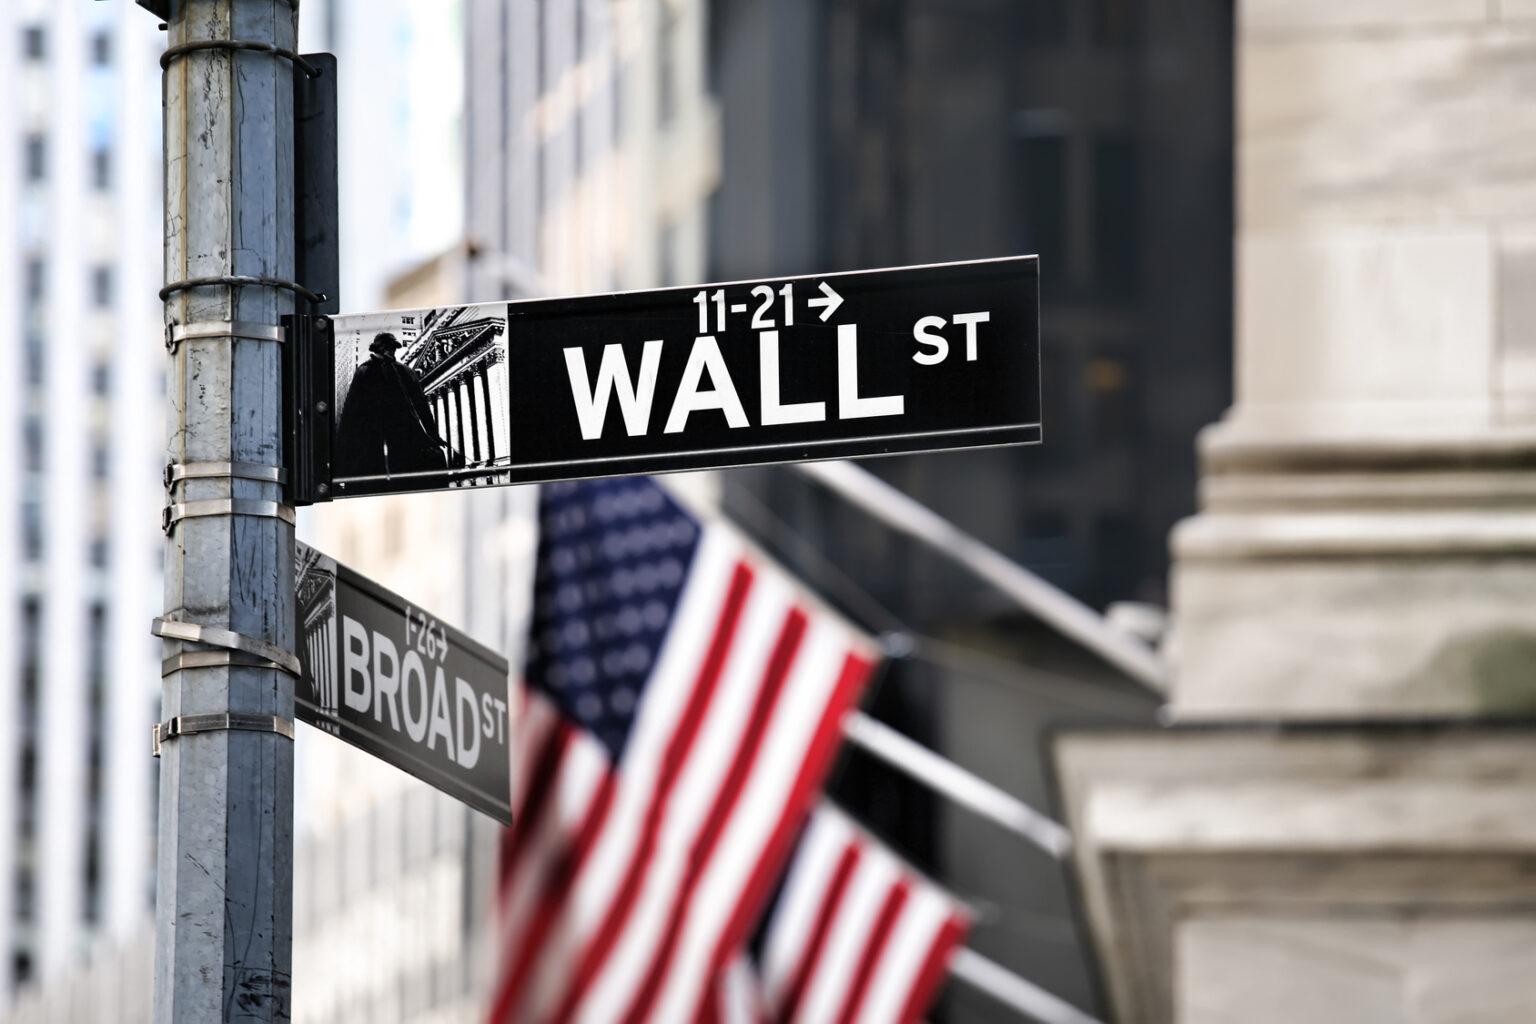 Bolsas americanas: conheça as principais bolsas de valores do mundo